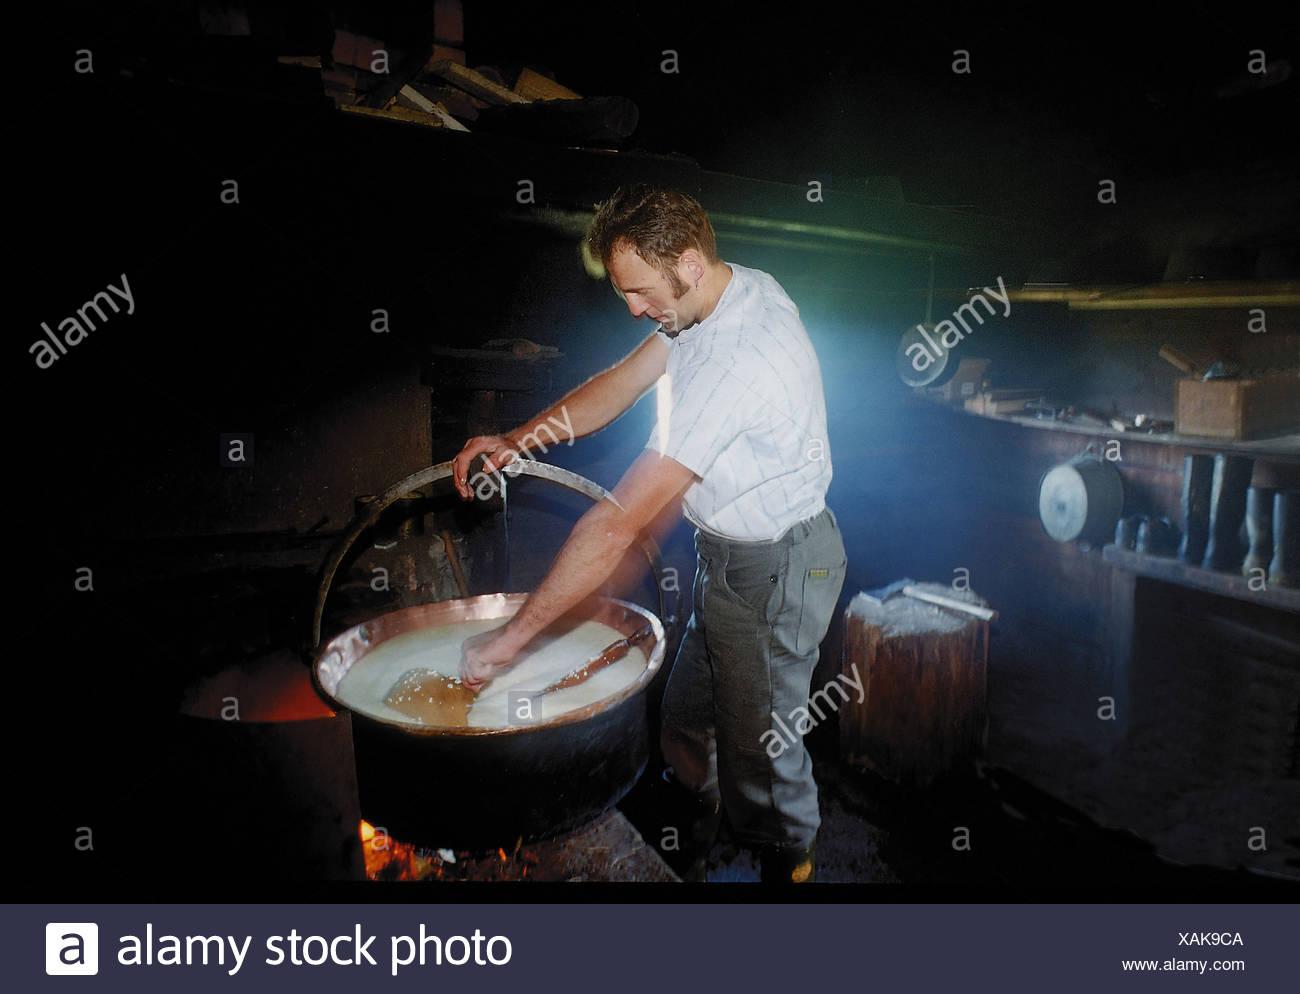 Kamin Essen alm hütte appenzell speisen essen feuer kamin folklore essen